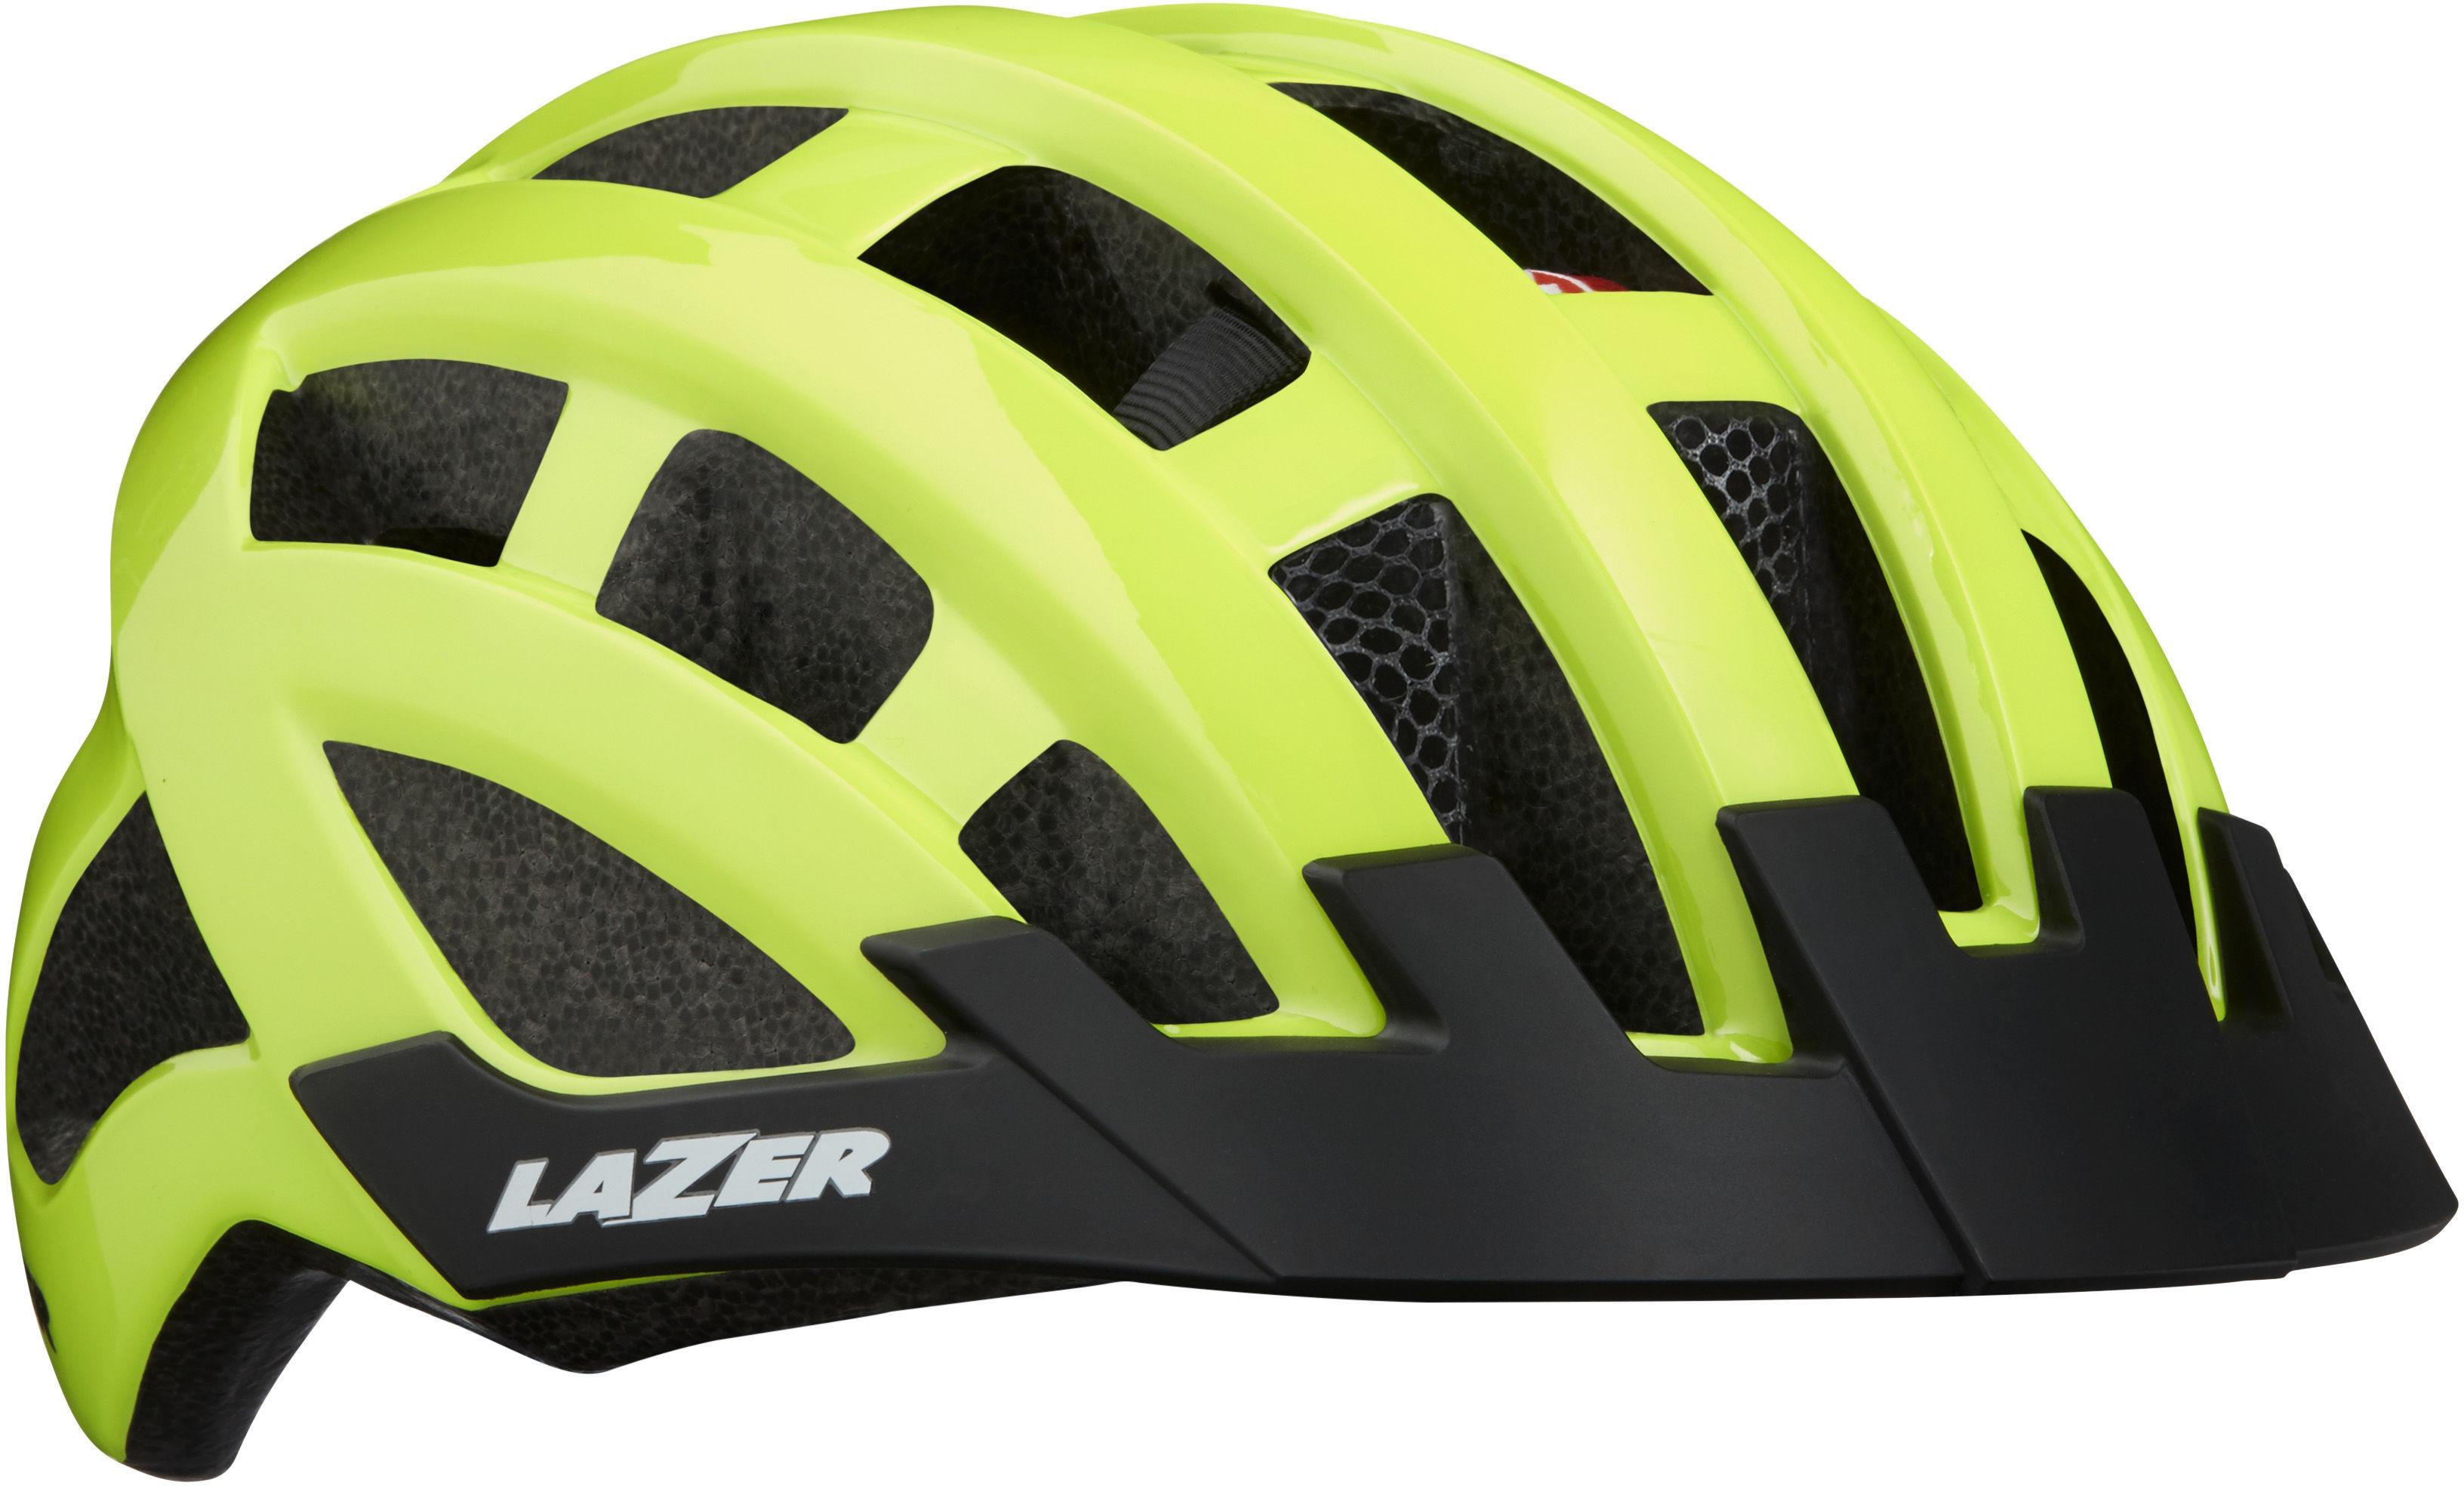 LAZER Compact DLX kask rowerowy LED siatka na owady czerwony fluor żółty połysk,5420078851932